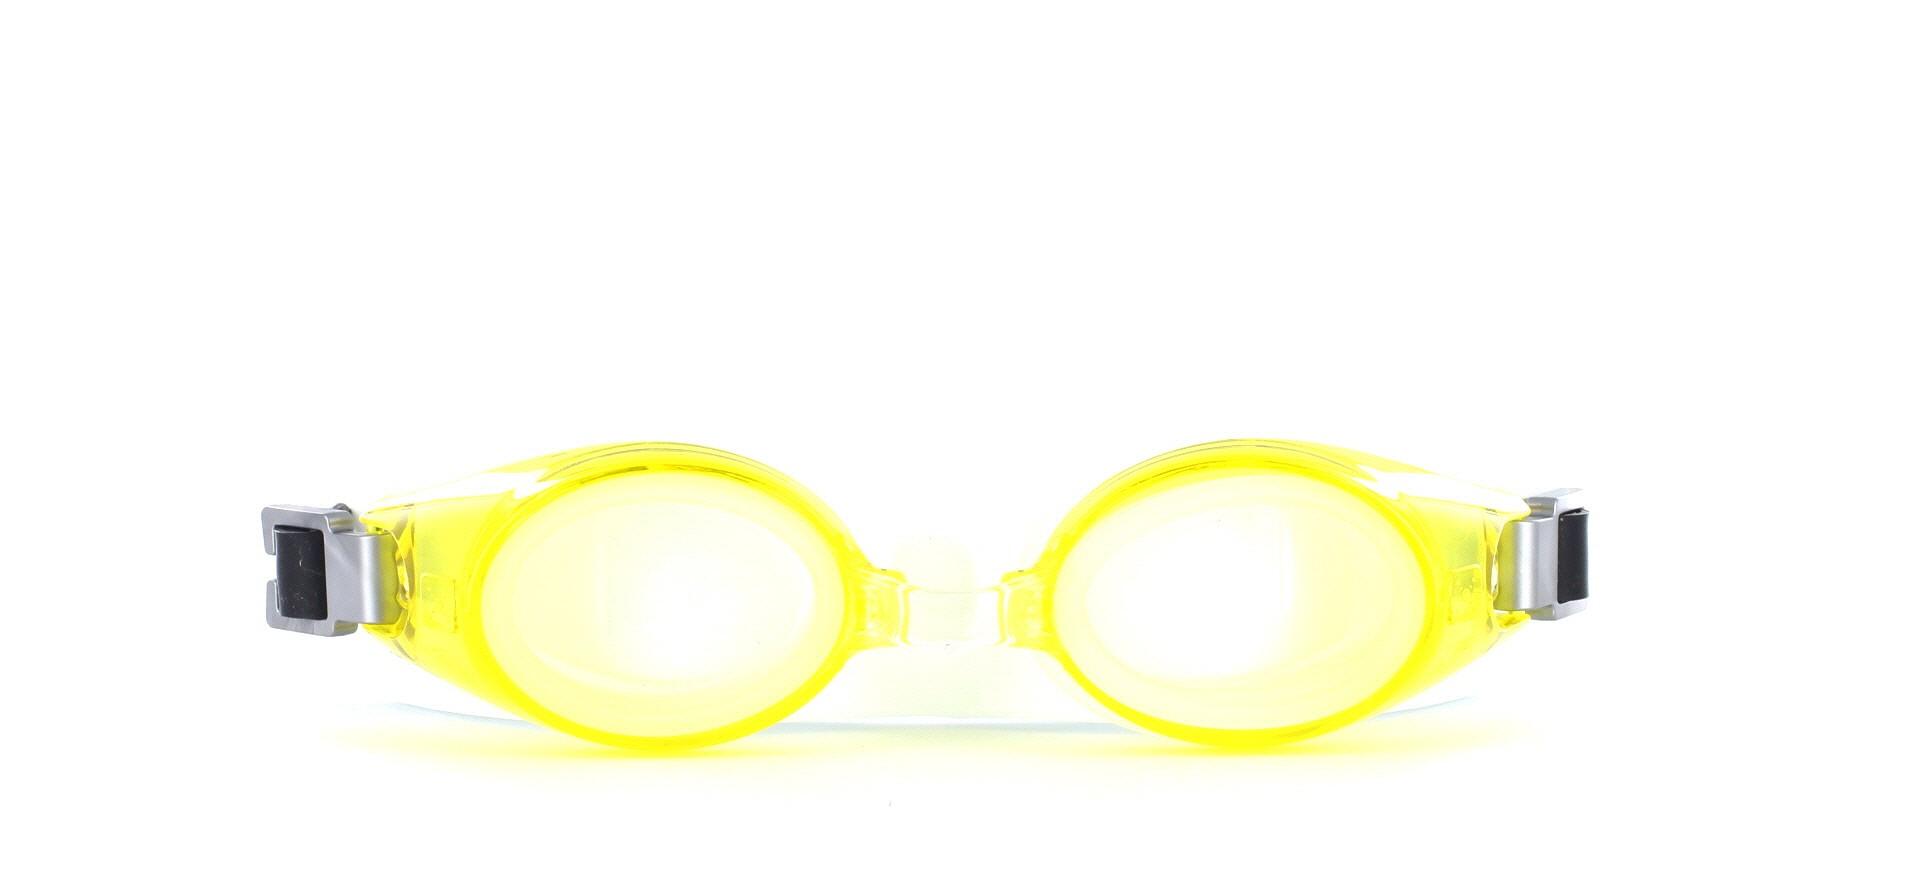 B&S Ocean - Schwimmbrille Einstärke - Gelb